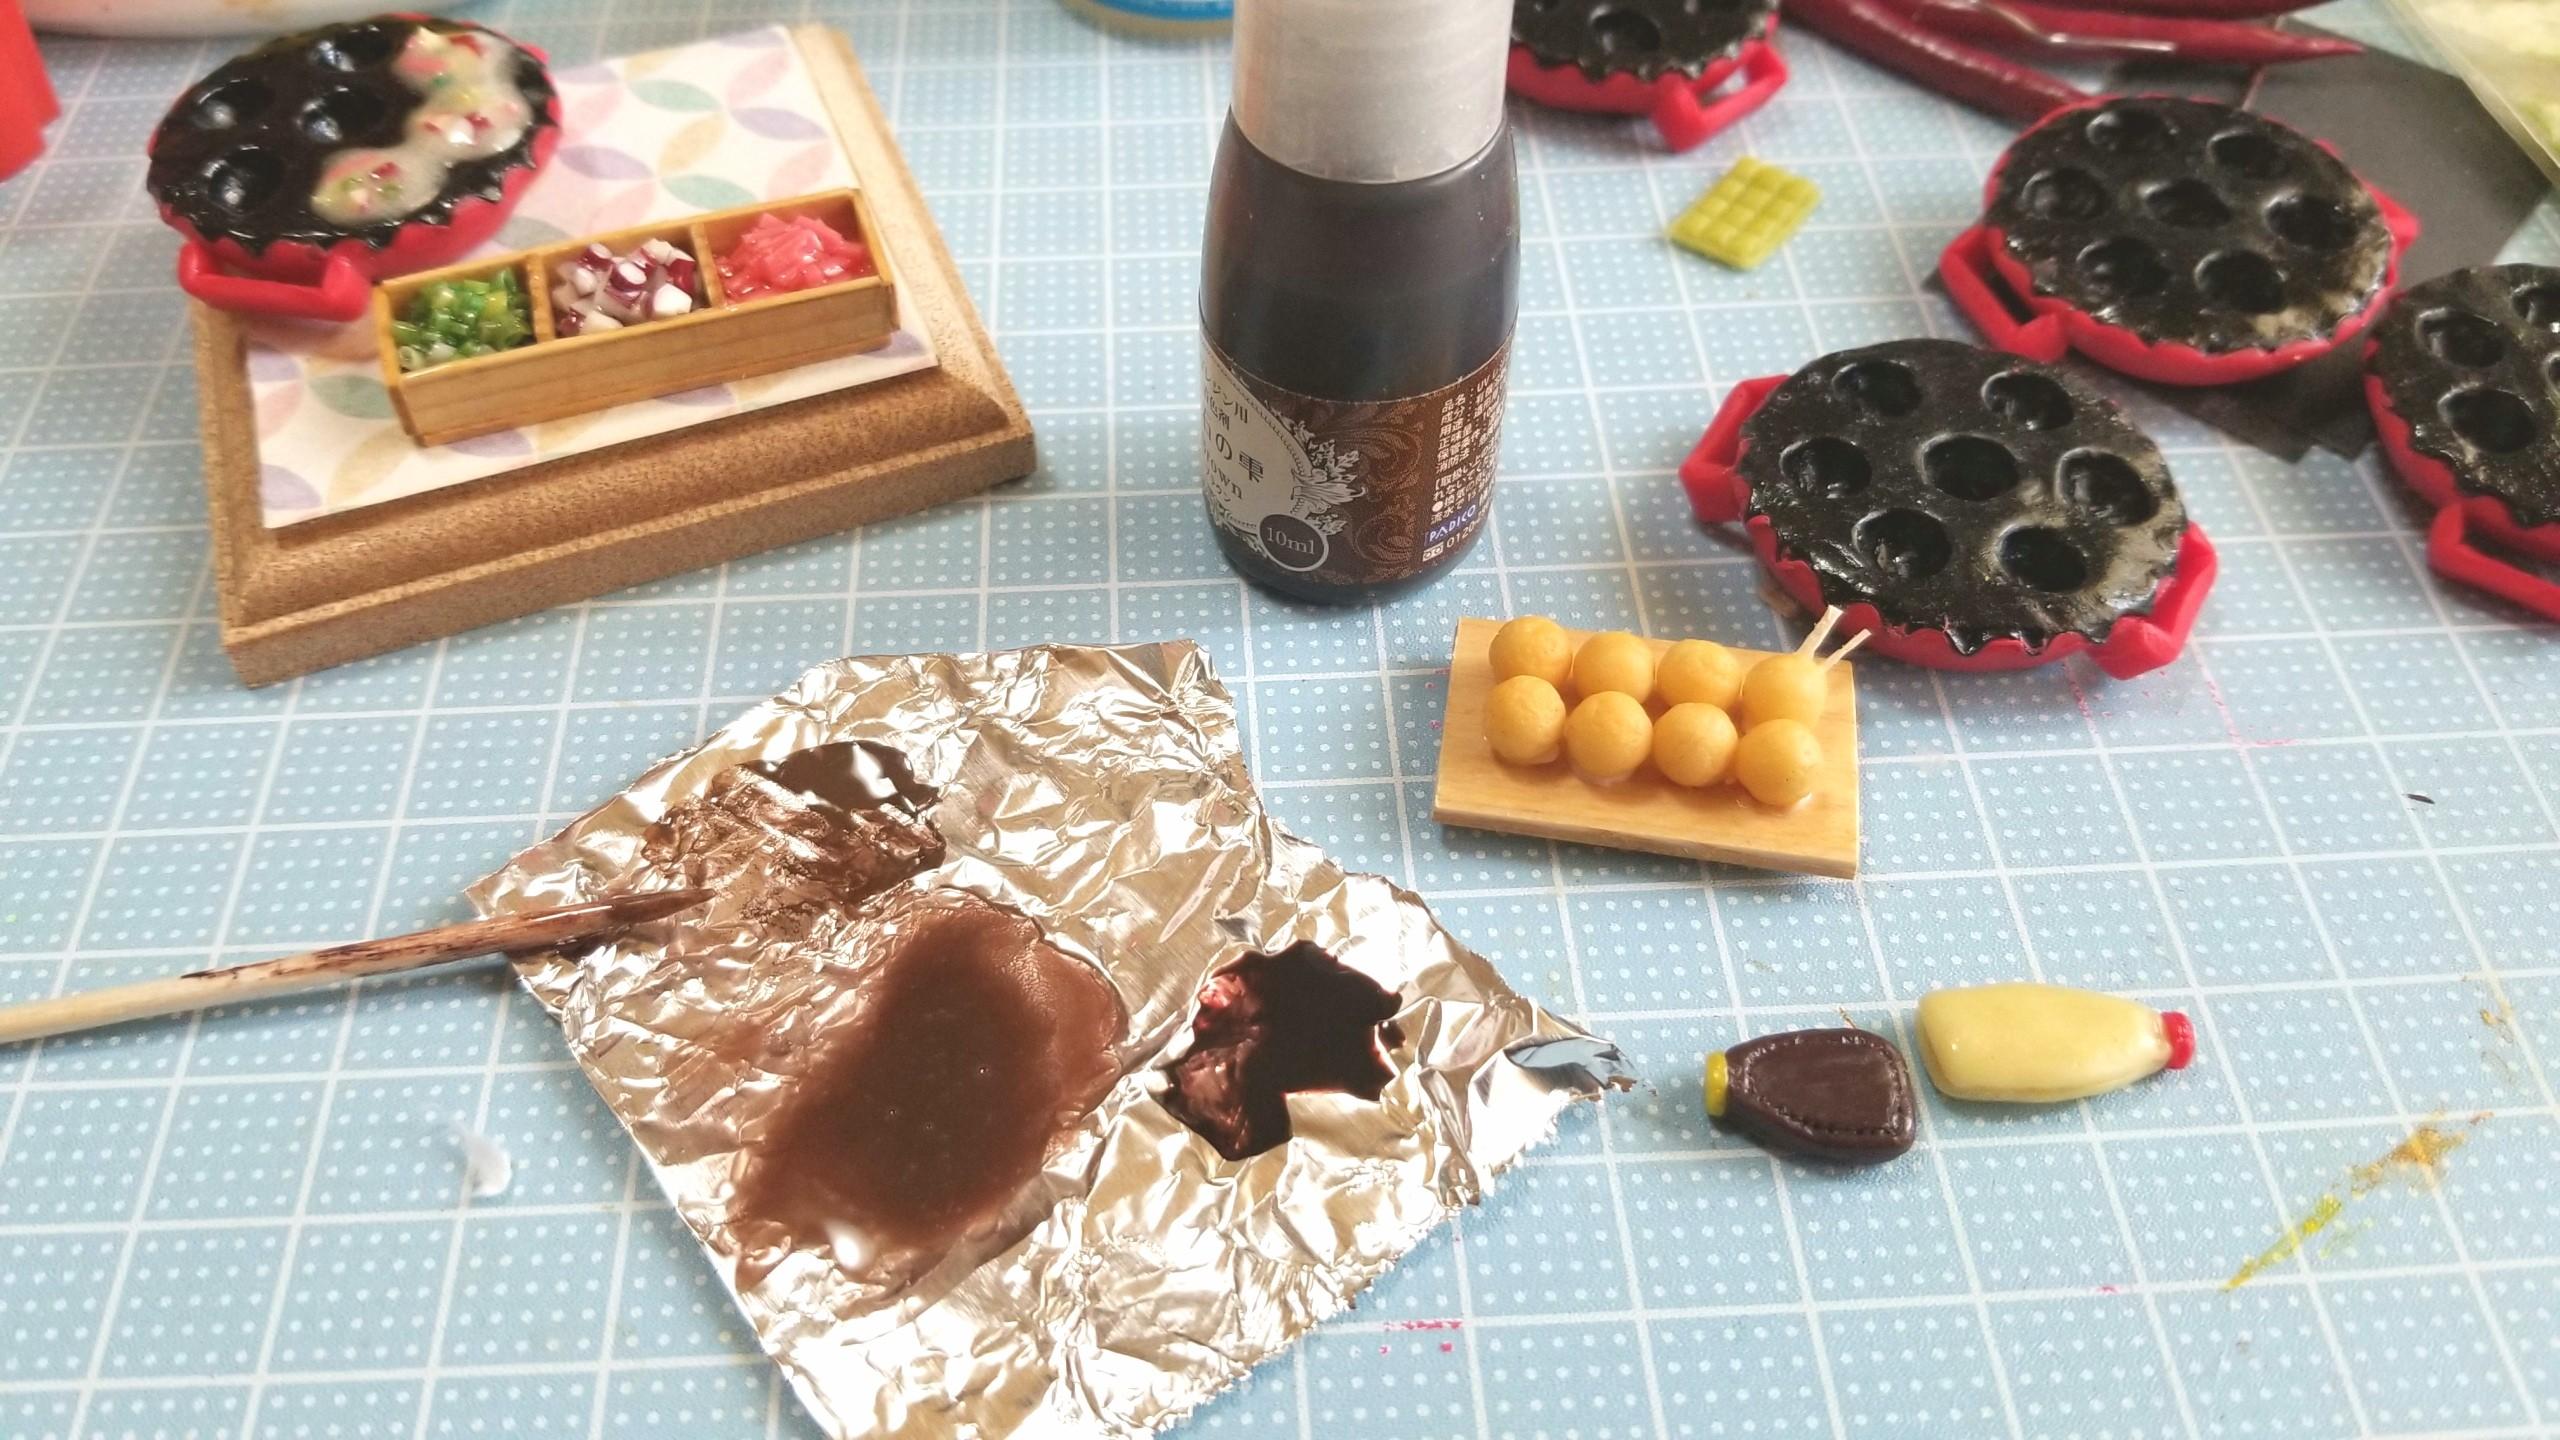 たこ焼き,作り方,ミニチュア,樹脂粘土,UVレジン,ソース,ドール